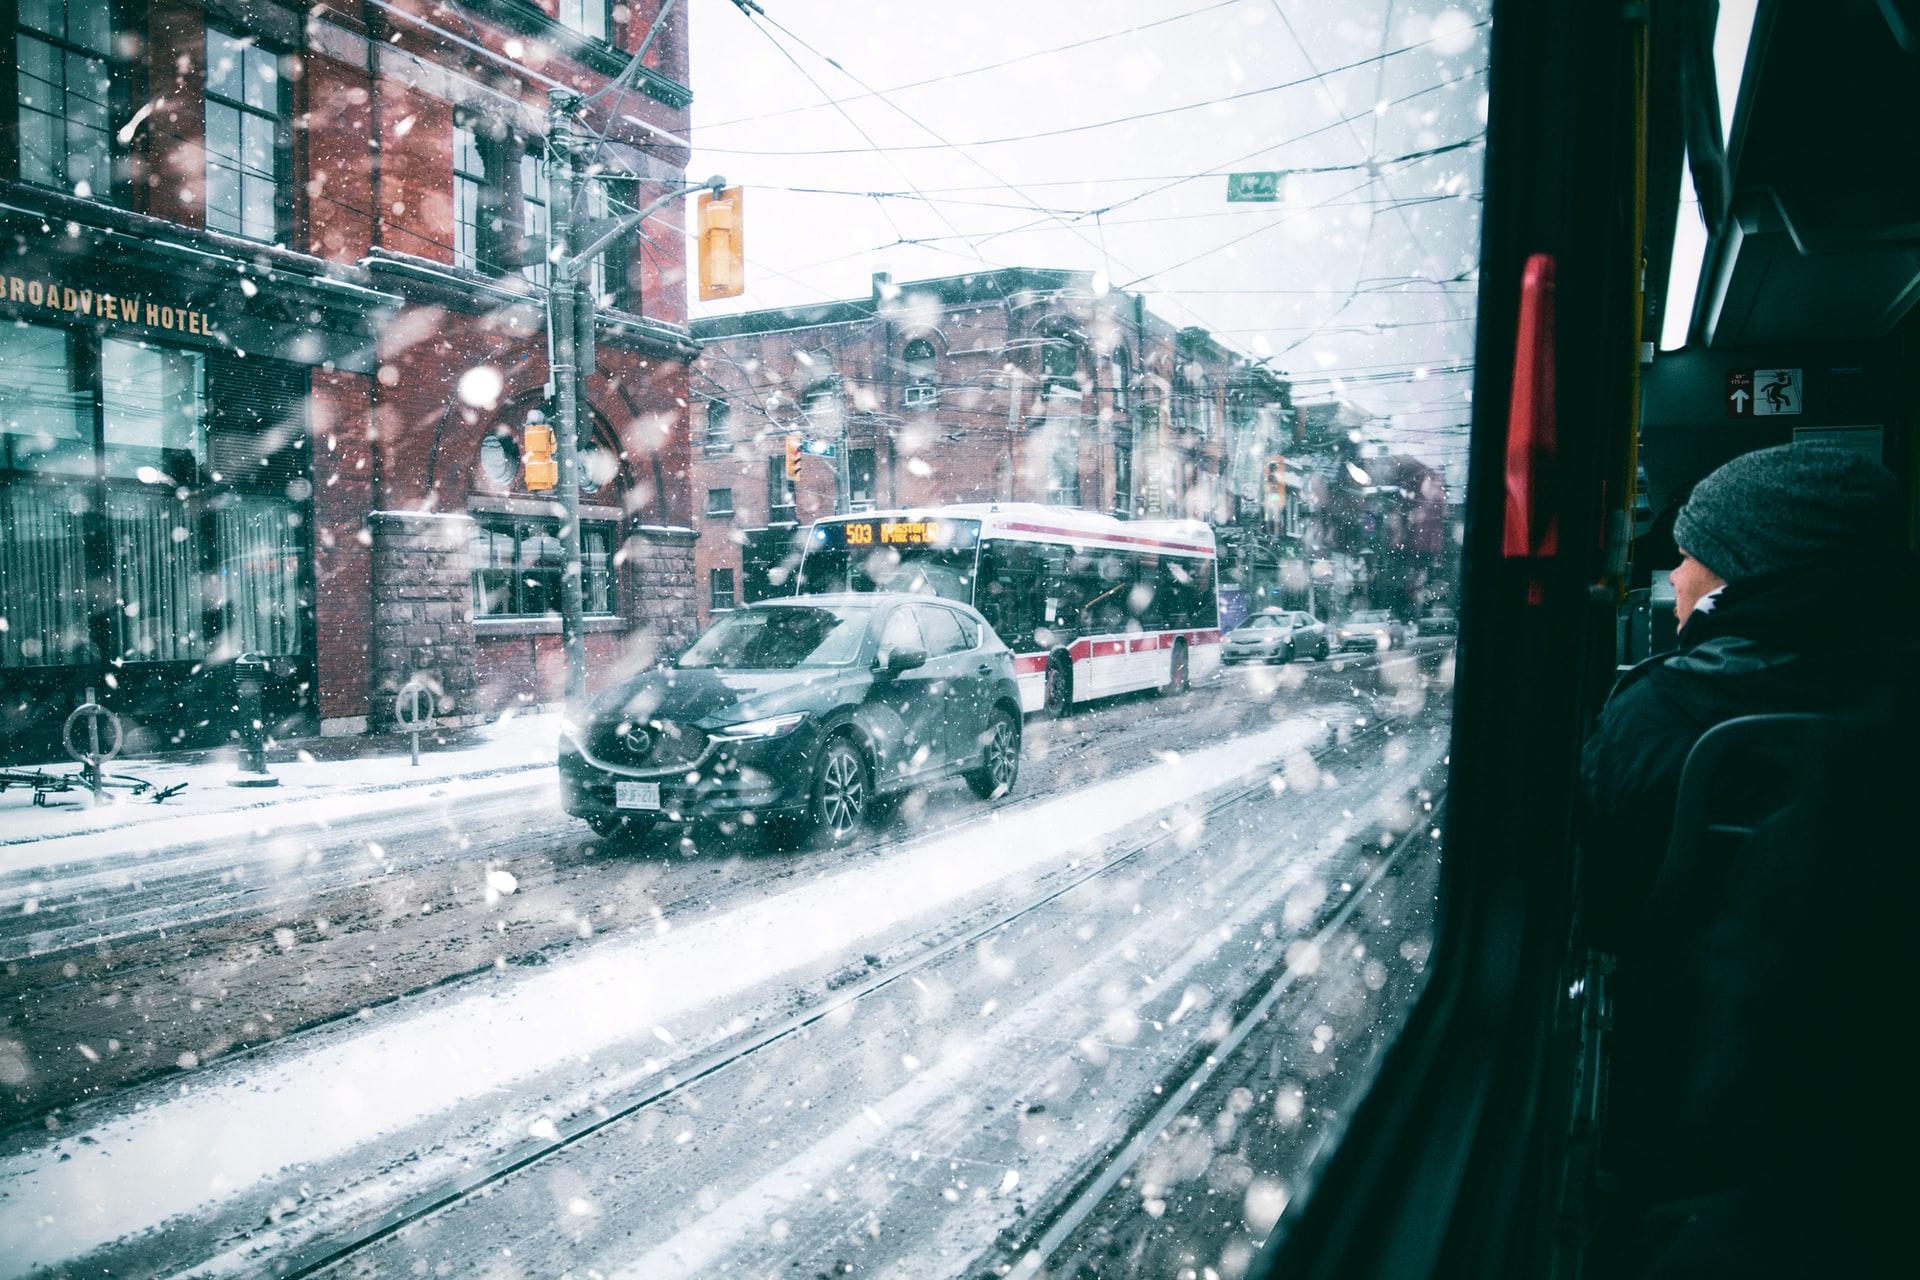 Se espera otra fuerte nevada para mañana